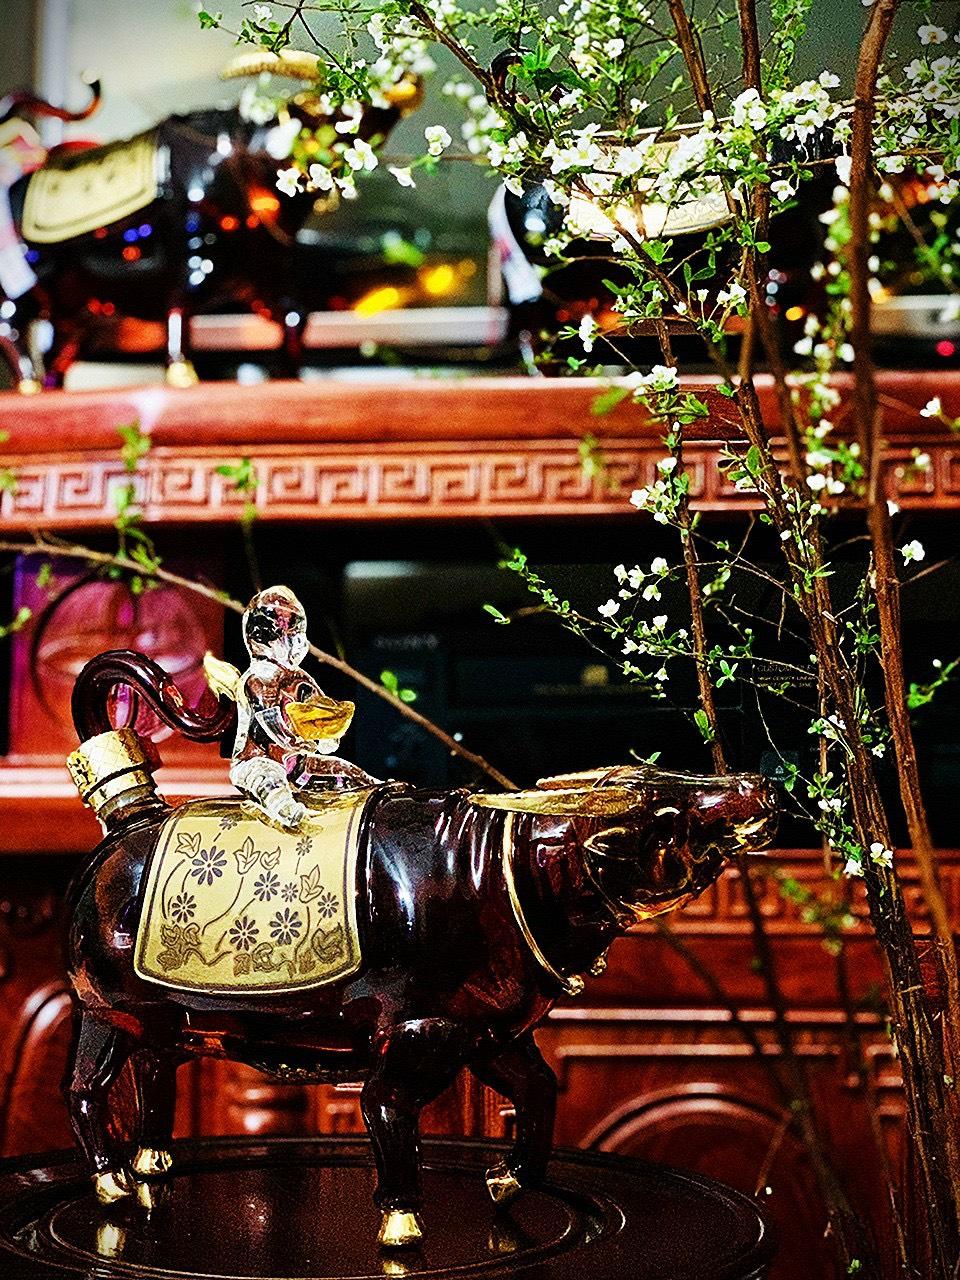 Rượu BRANDY ROYAL RICH XO GOLD 23K trâu vàng Đông Hồ- Xuân Tân Sửu 2021 (kèm hộp đựng và túi cao cấp)